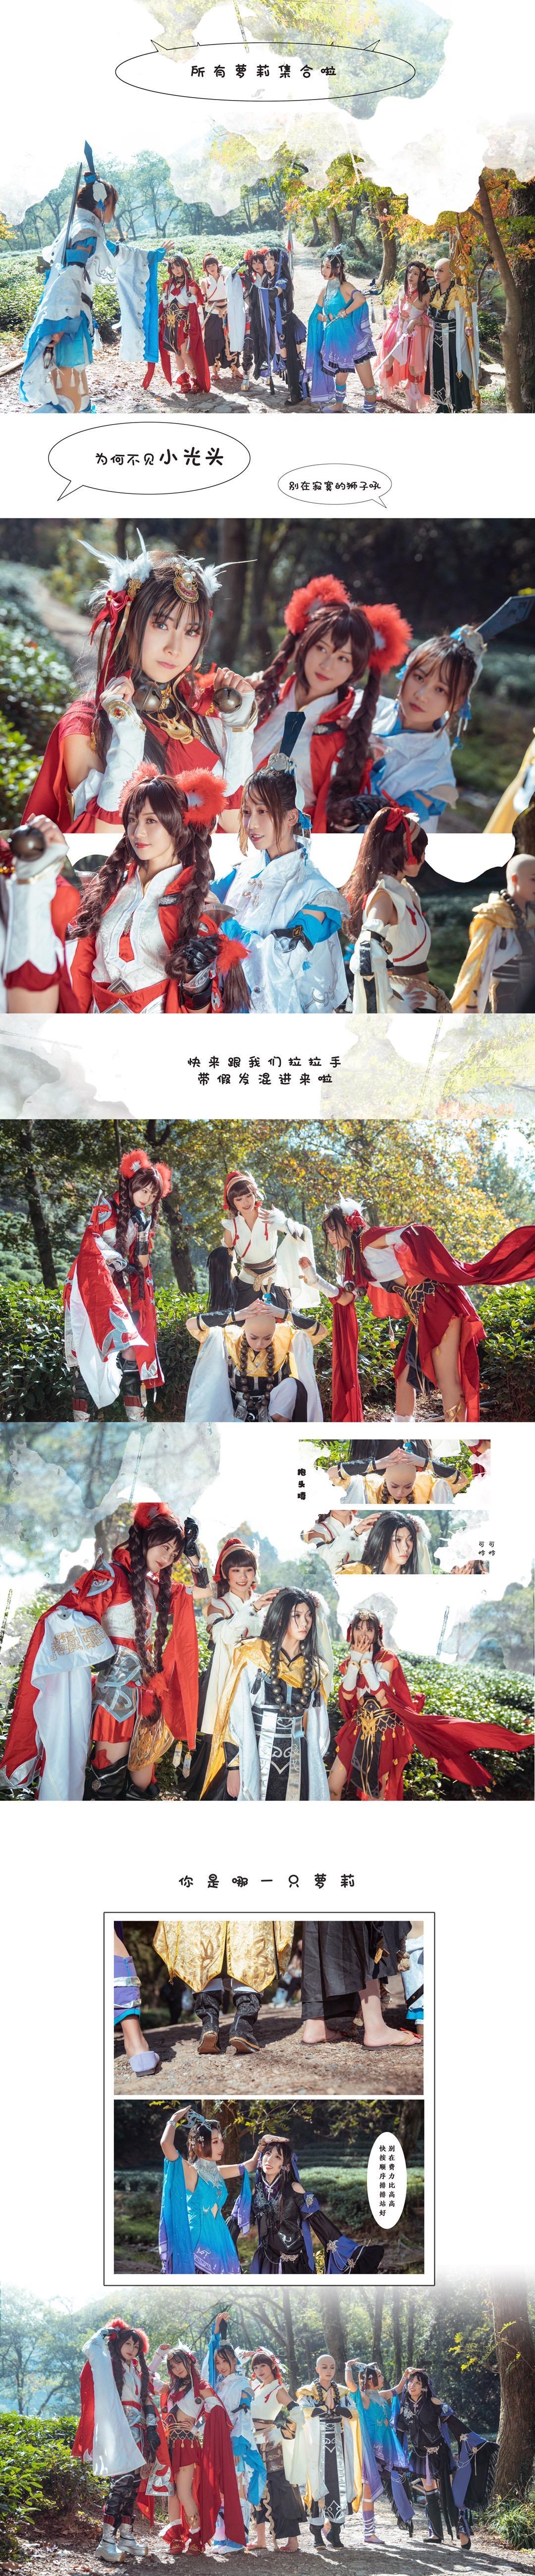 剑三cosplay【CN:师姐羊绒】-第4张